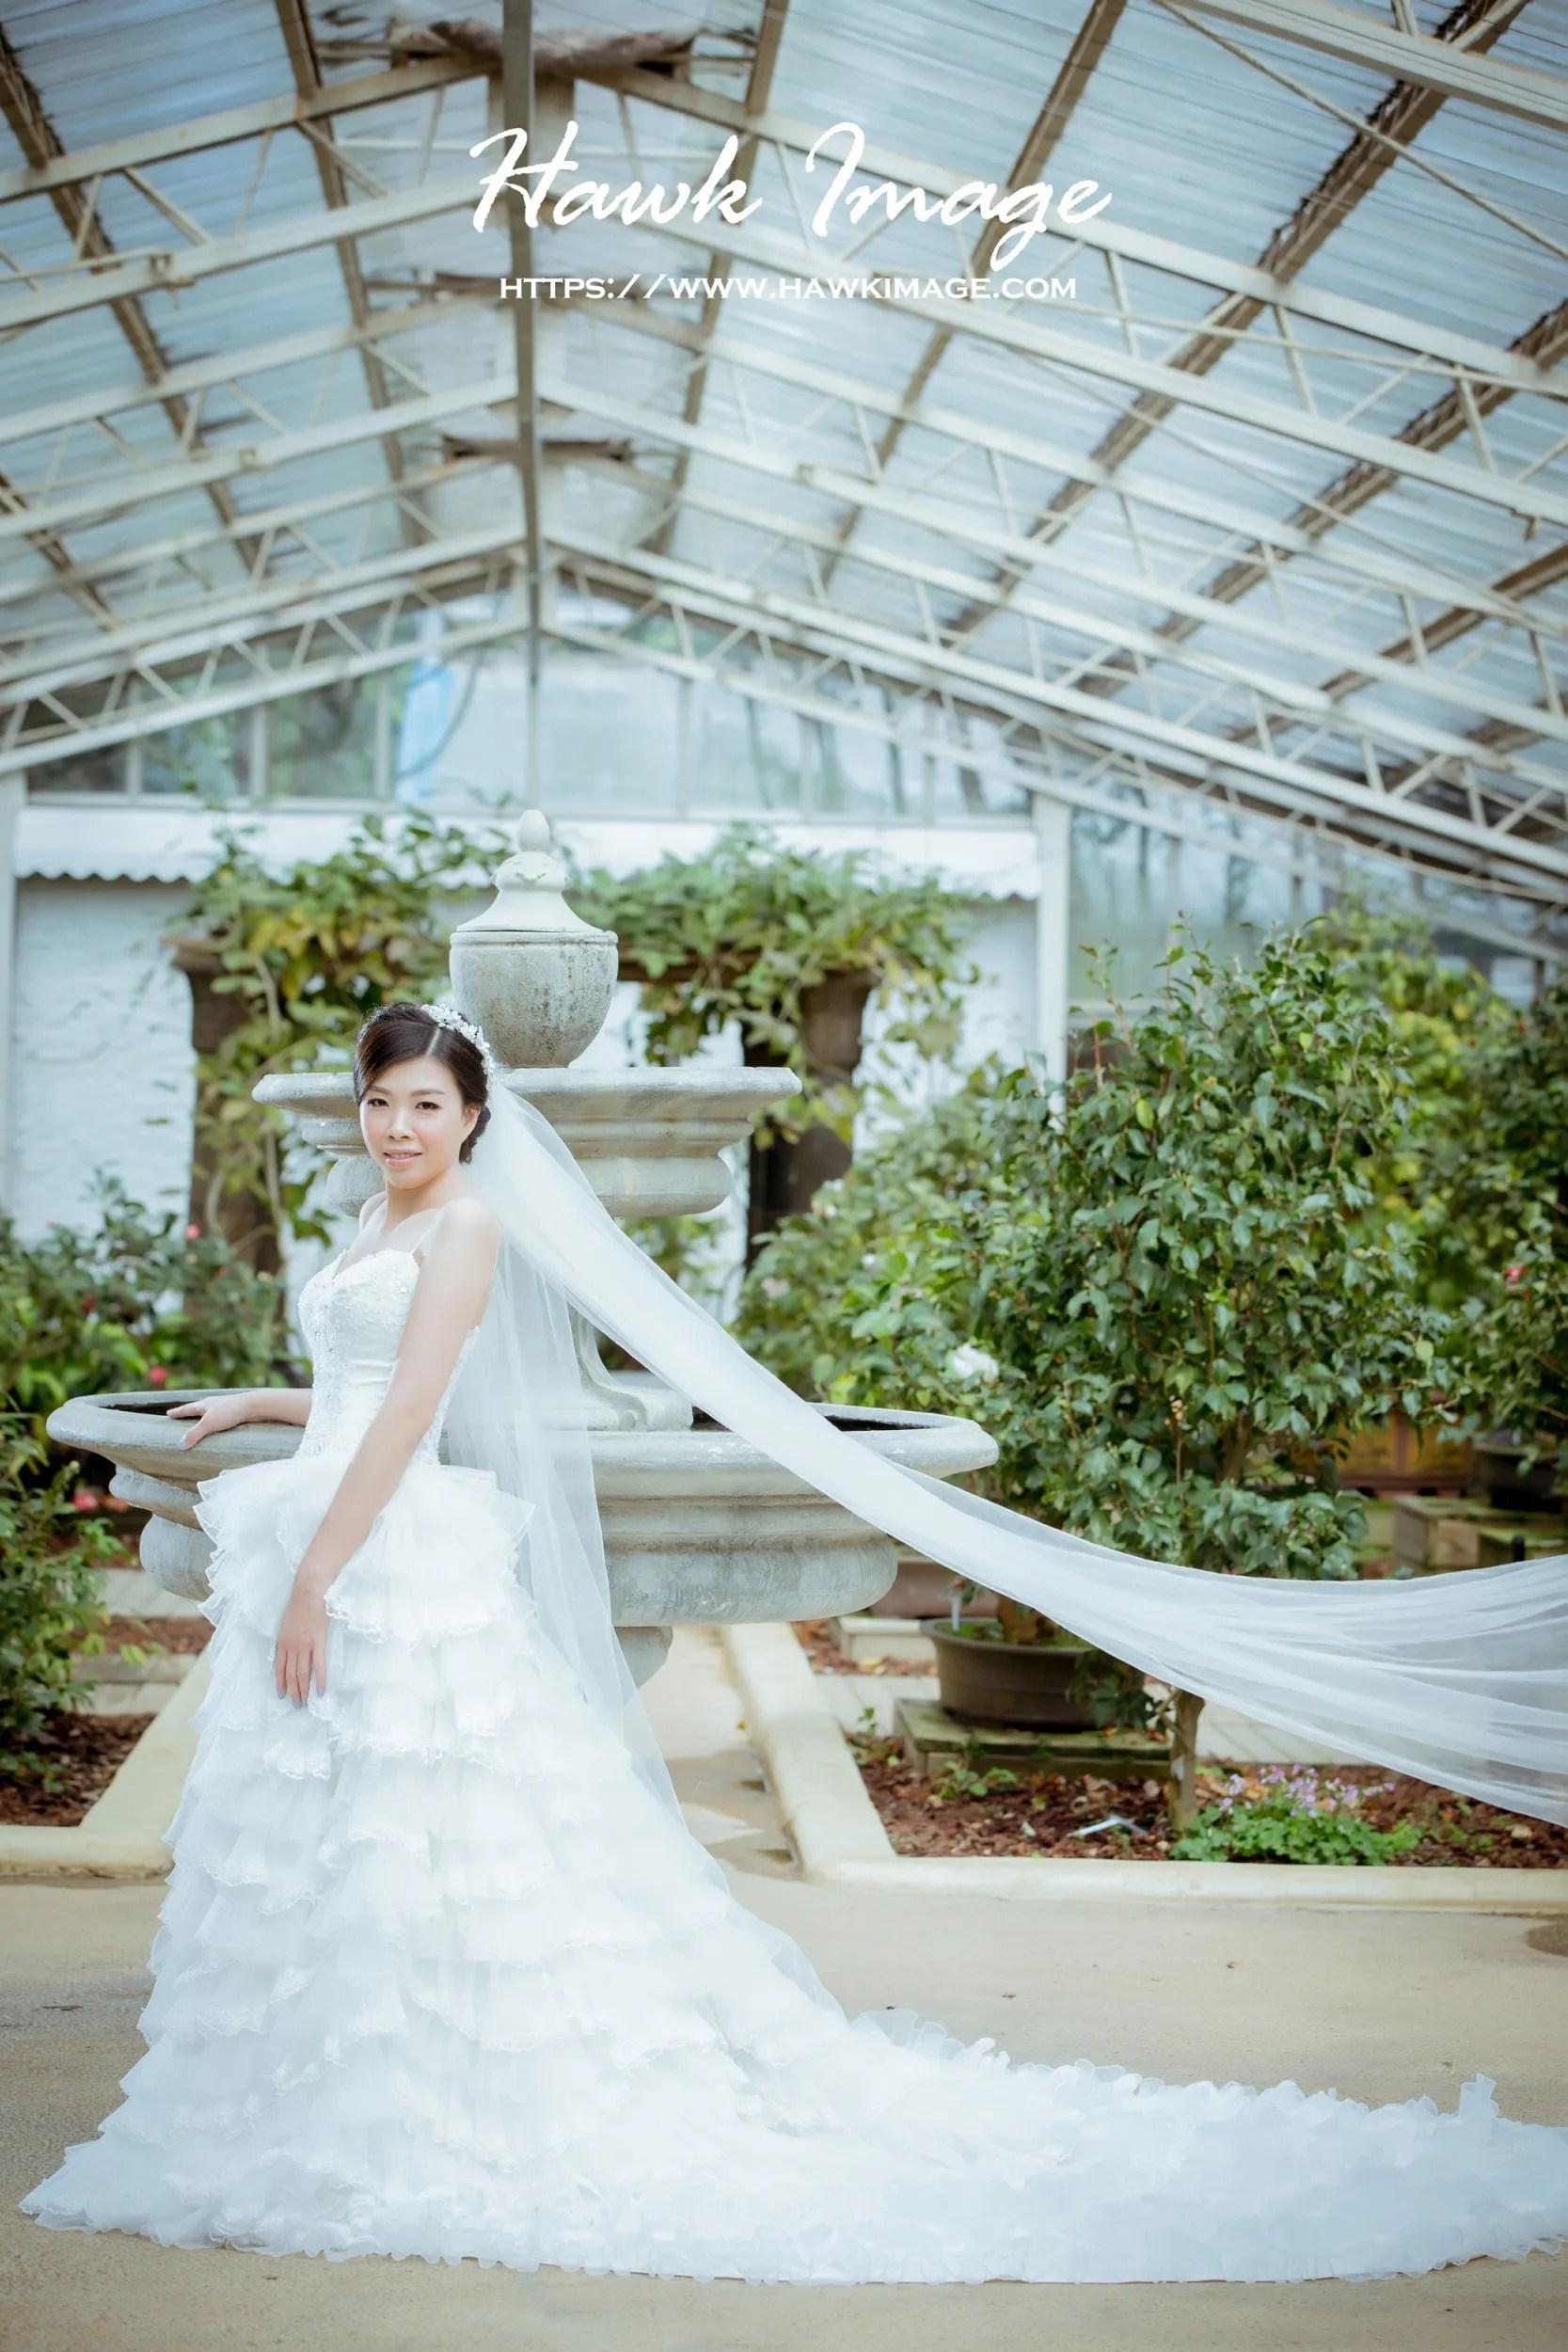 婚紗攝影,自助婚紗,拍婚紗,婚紗照,婚紗攝影 推薦,婚紗照 風格,海外婚紗,拍婚紗價格,婚紗攝影 價格,婚紗工作室,攝影工作室,婚紗攝影師